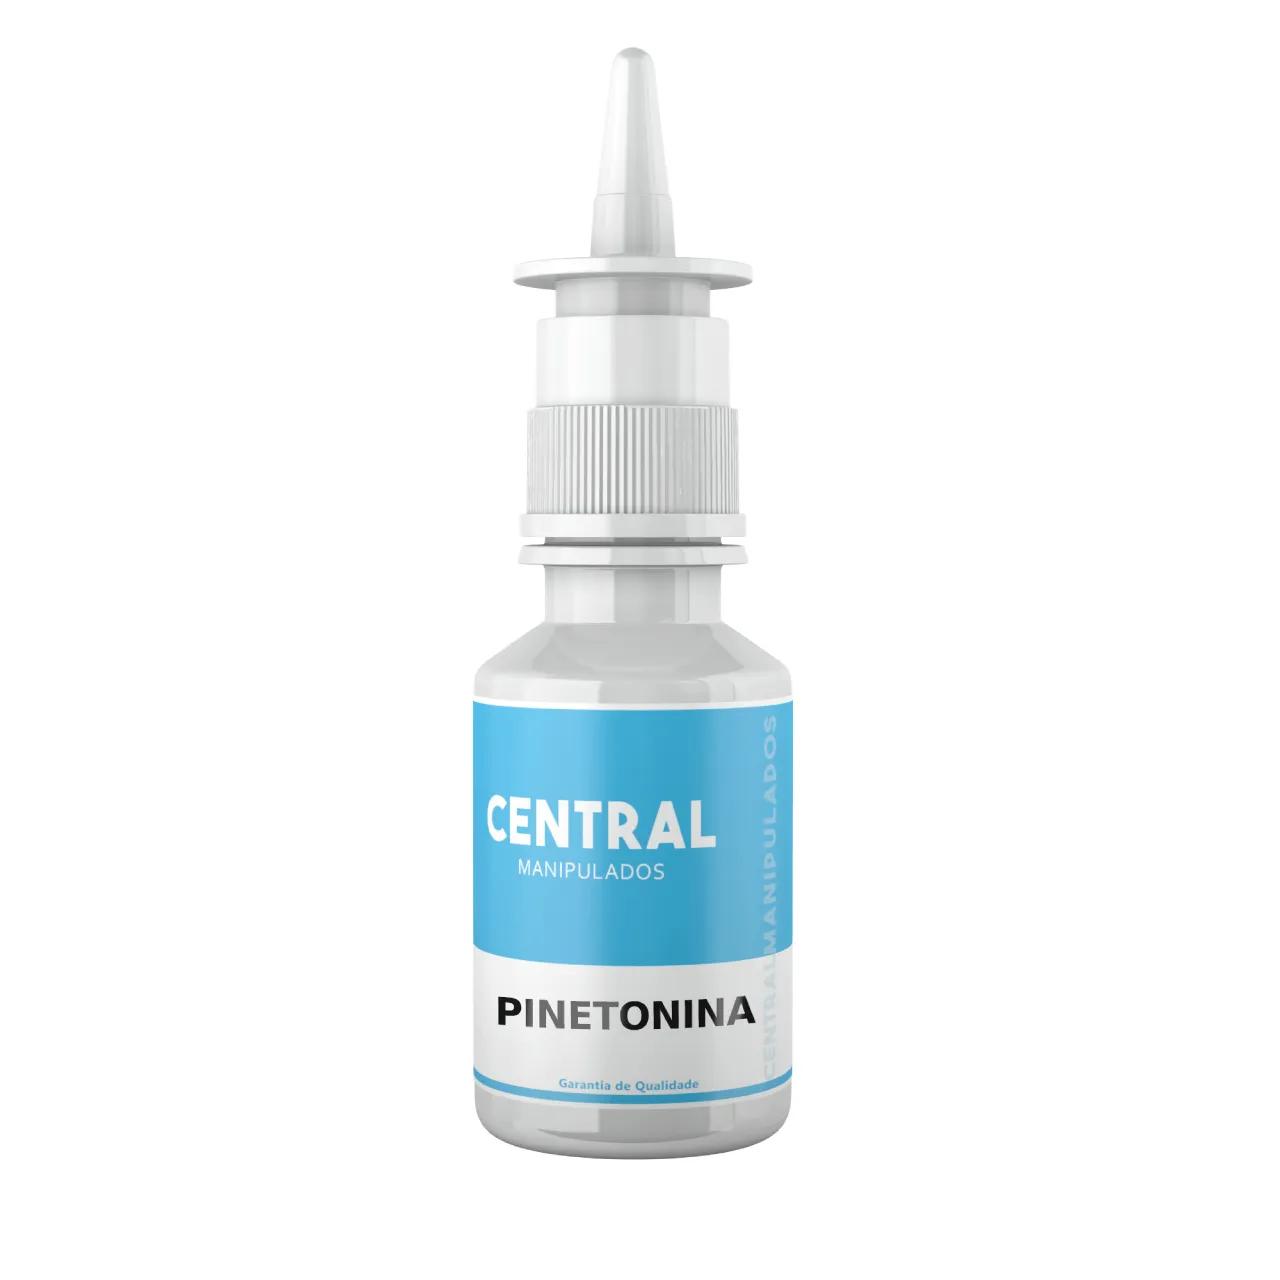 Pinetonina 50% - Spray Nasal - 30ml - Distúrbios de ansiedade, do sono, e stress. Relaxamento do corpo e da mente